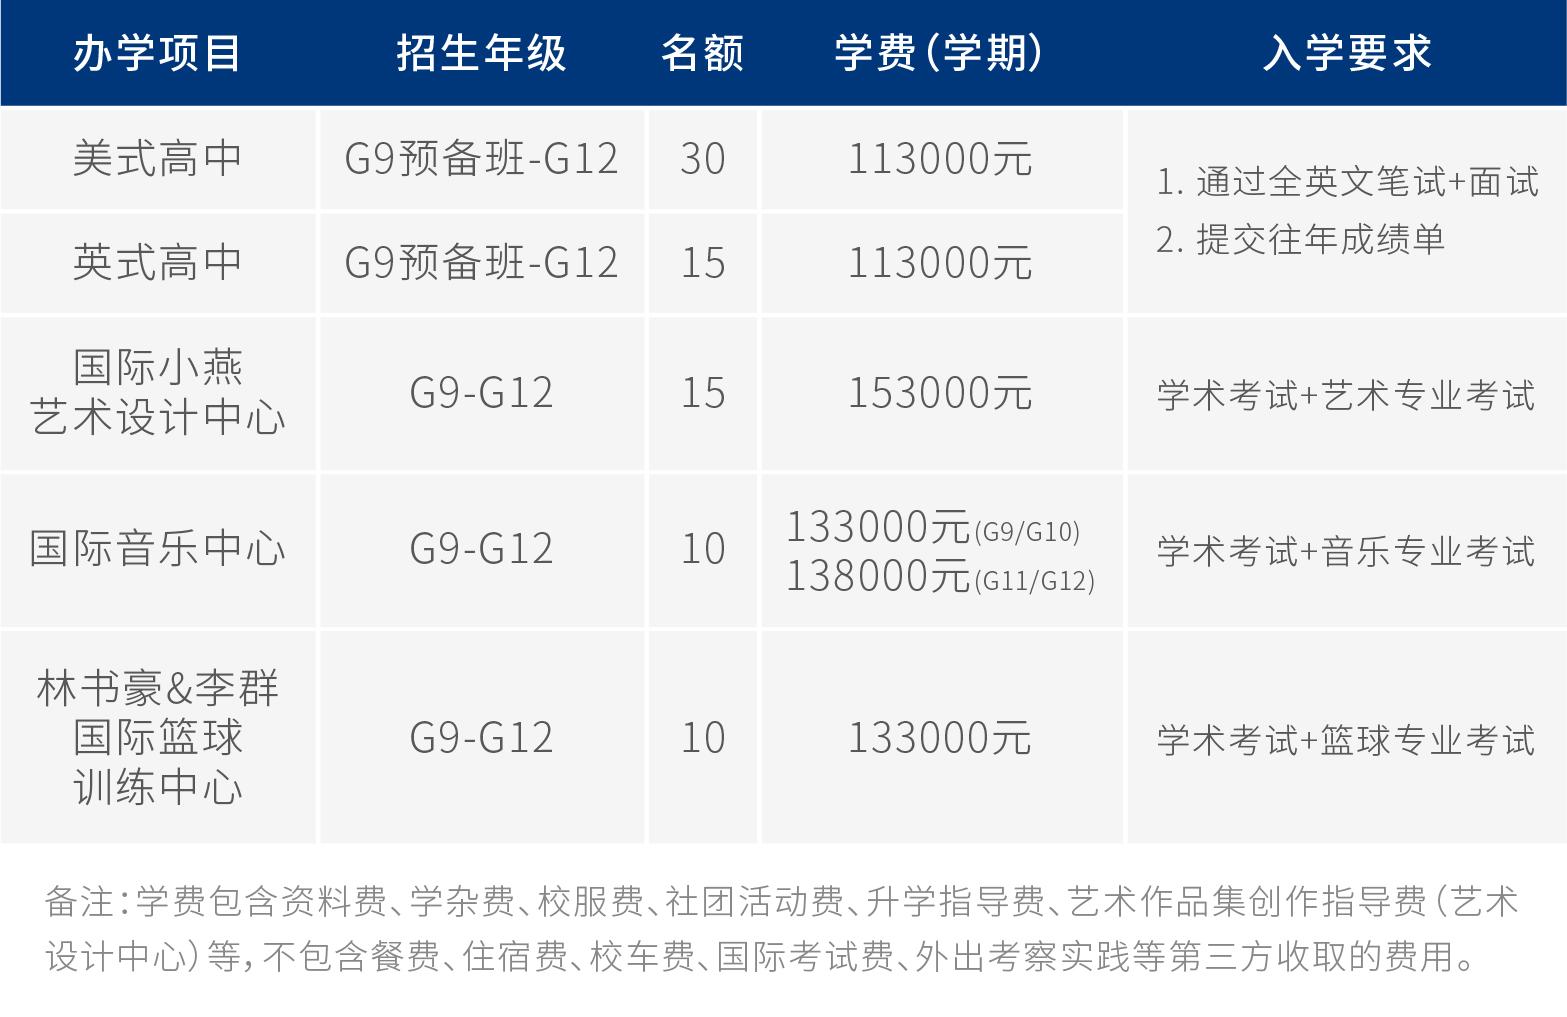 深圳国际预科学院2021年春季插班招生简章